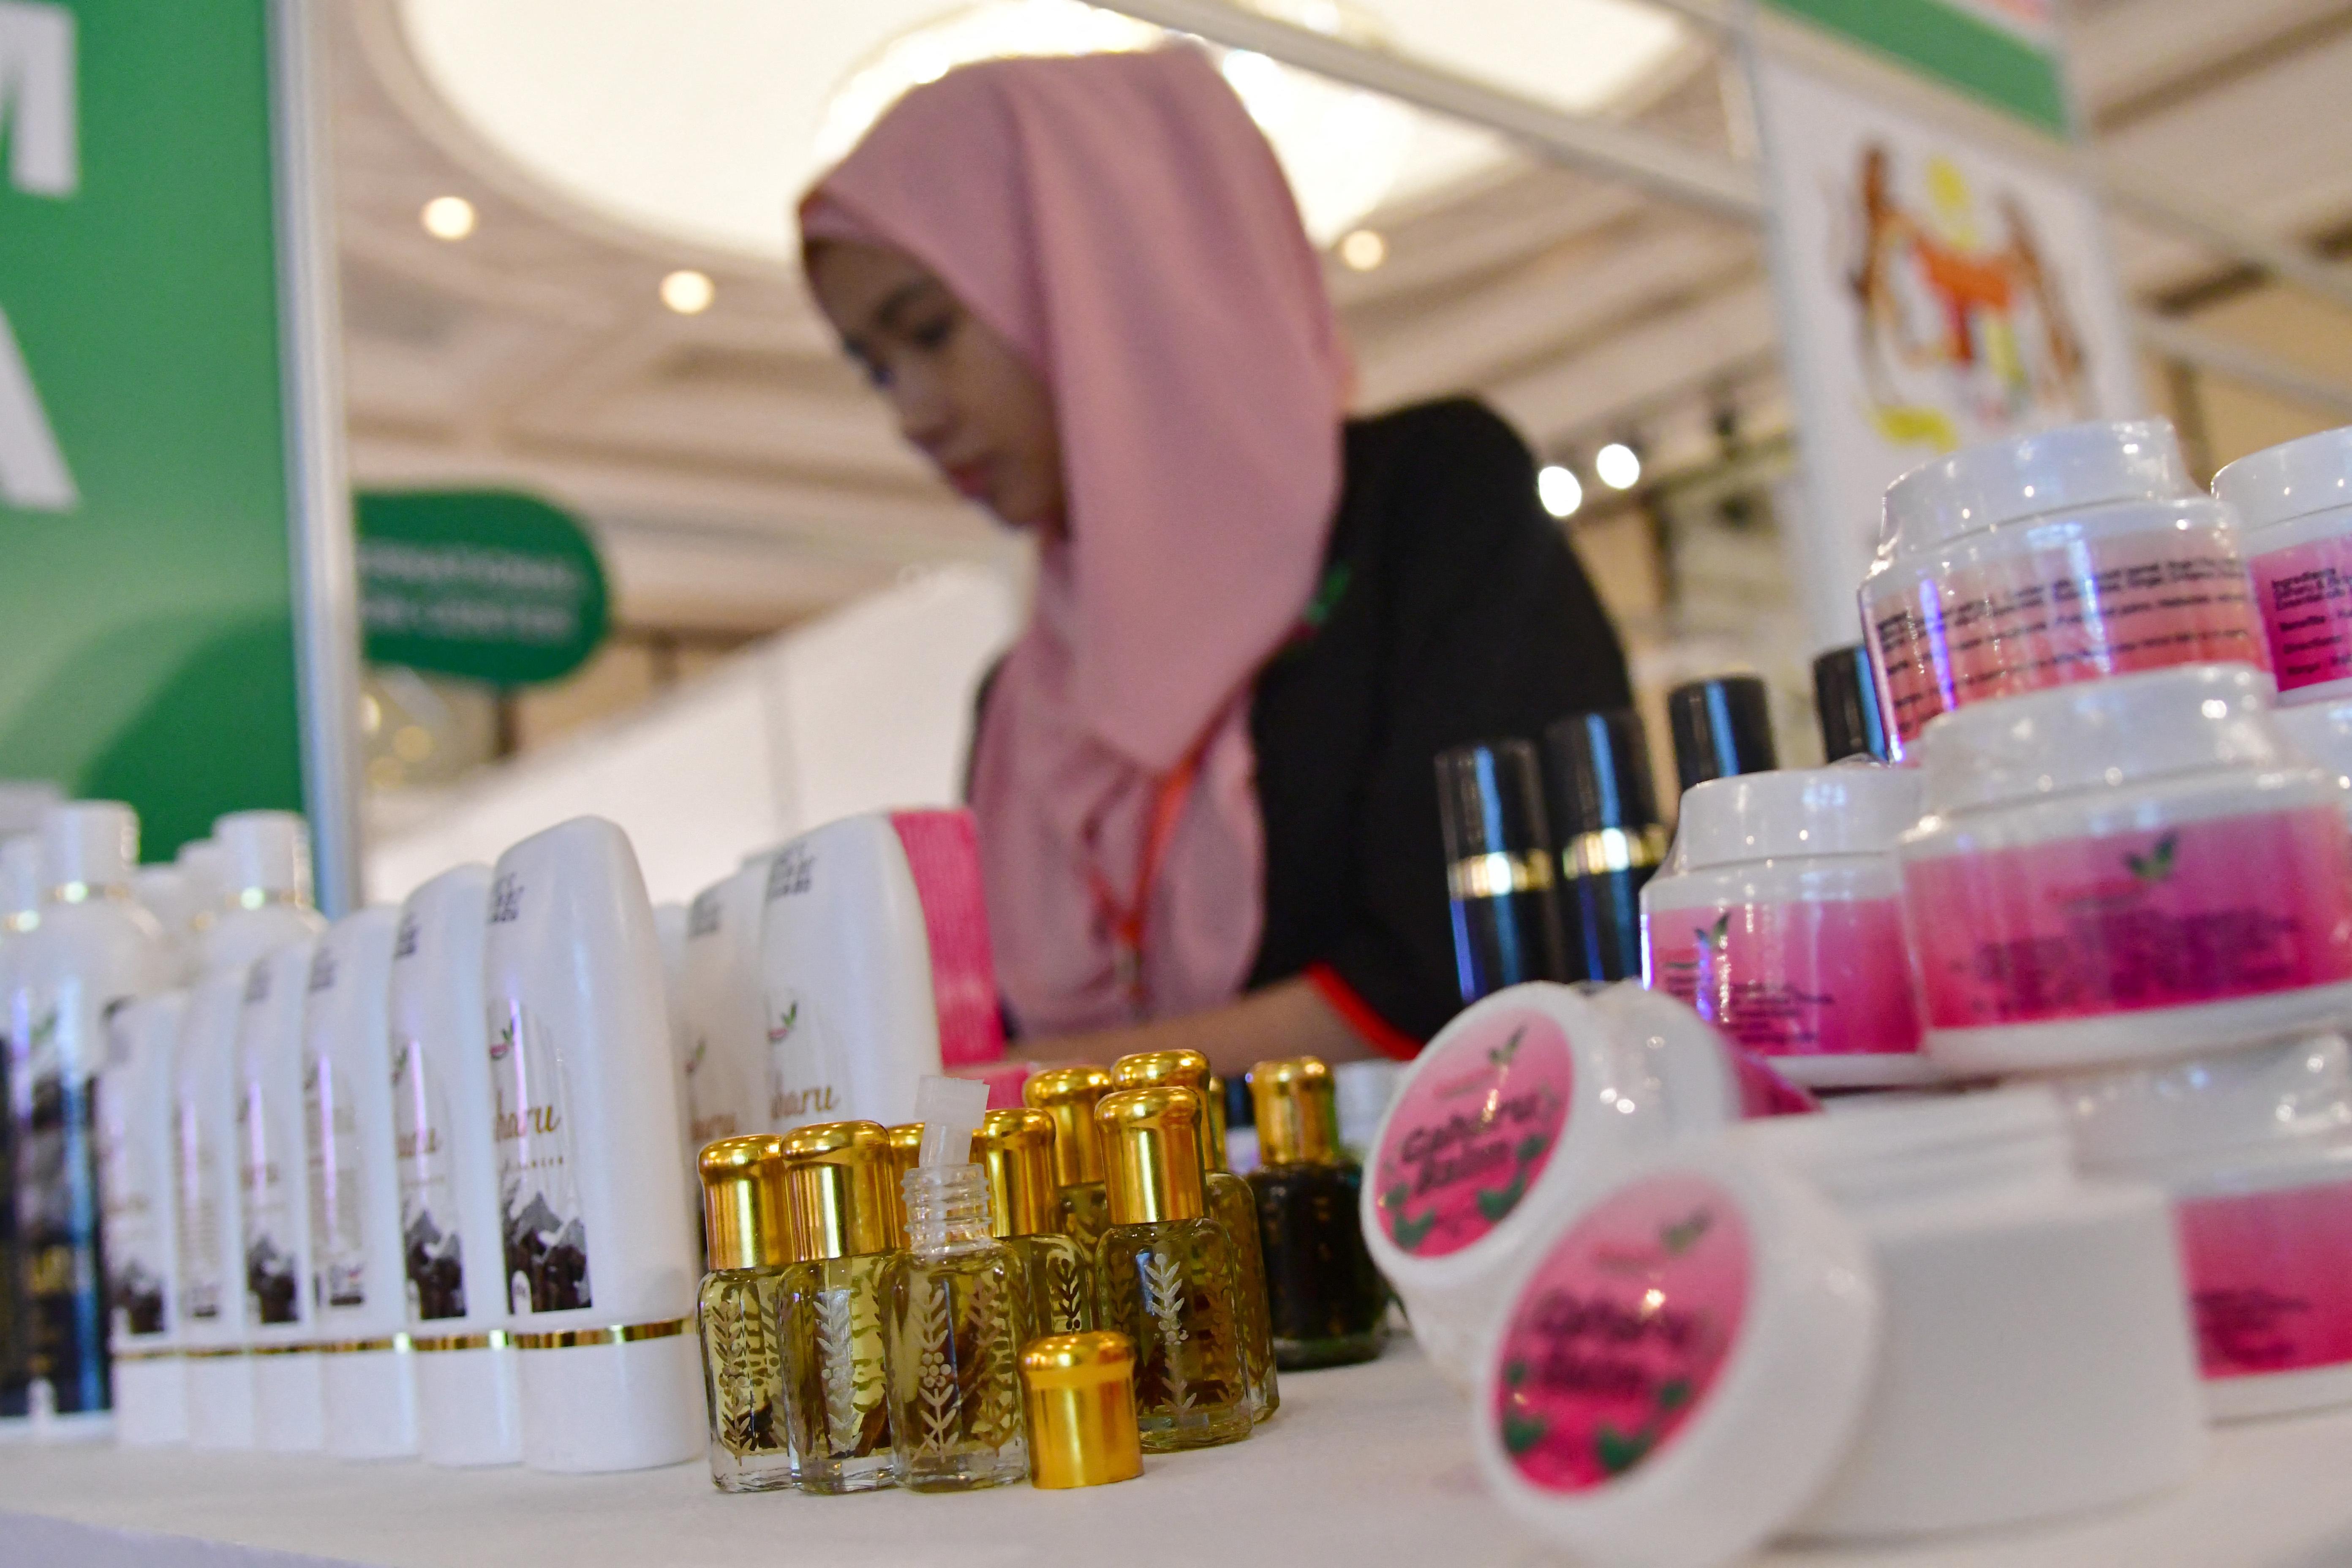 Az organikus és a vegán kozmetikumok komoly versenytársa lehet a halal szépségipar